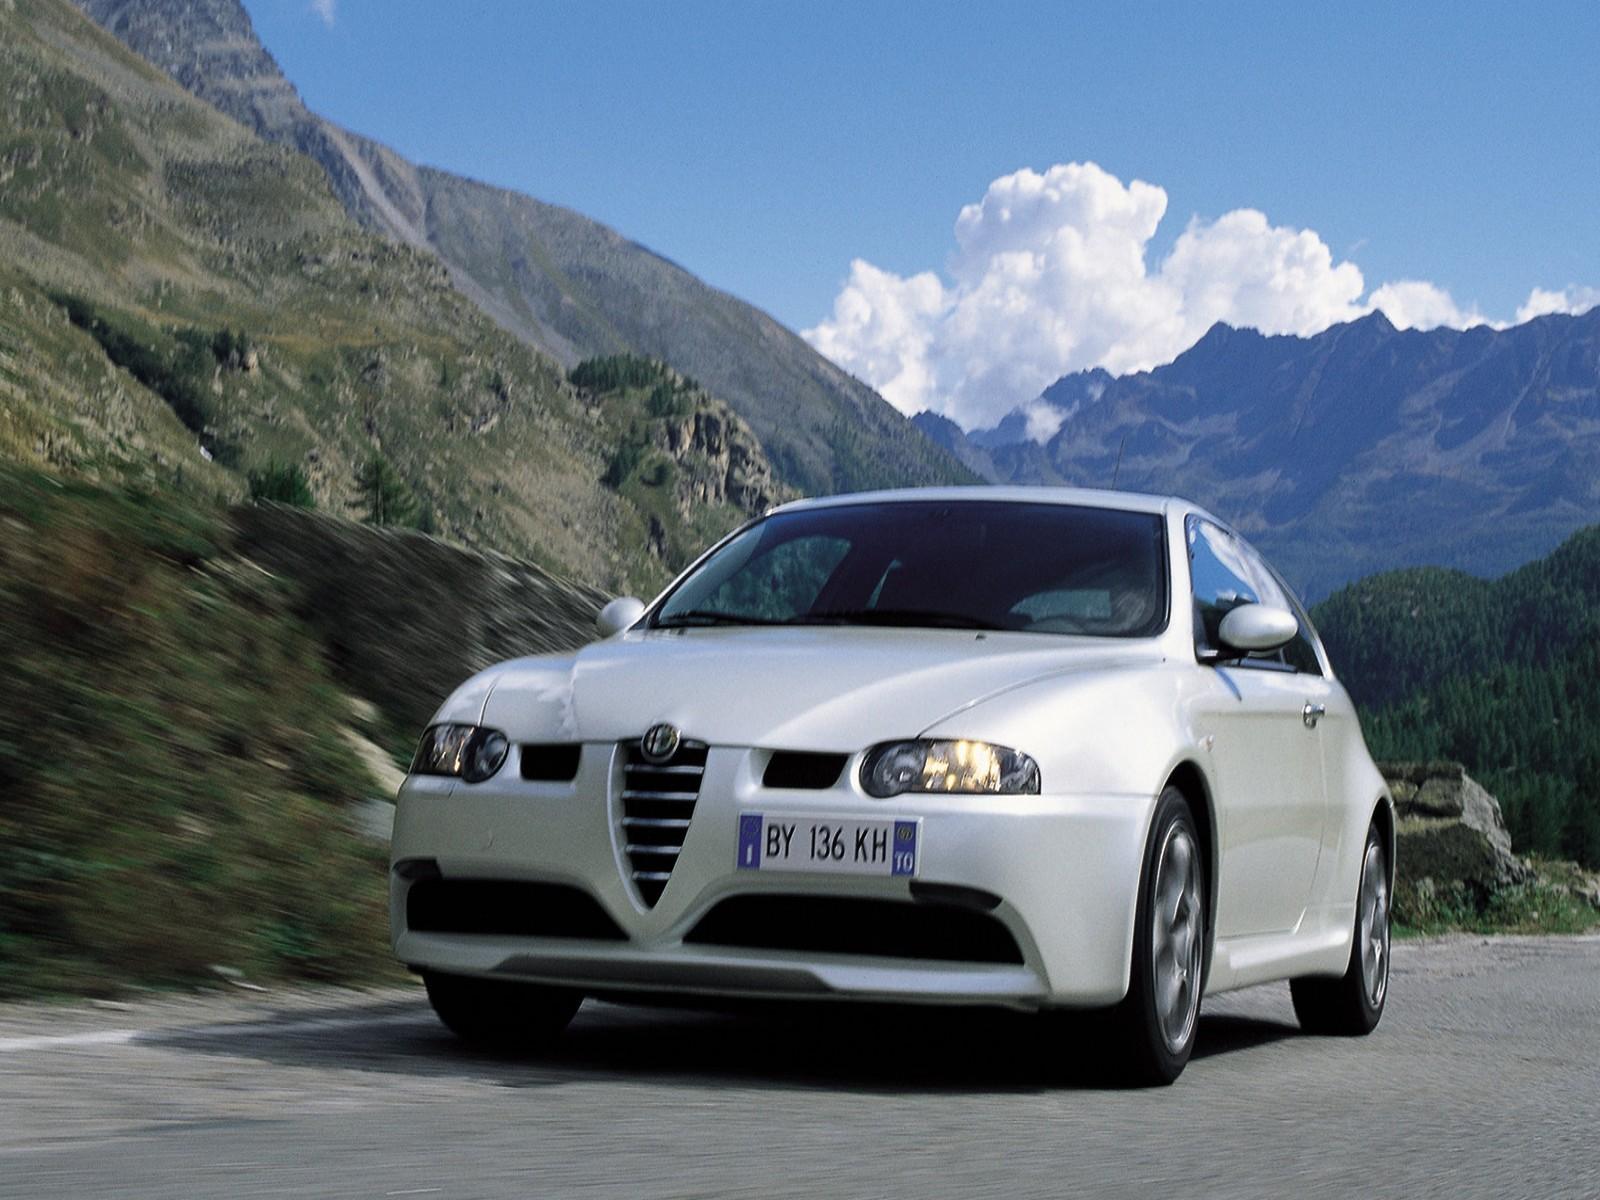 http://3.bp.blogspot.com/-46js-d5sTr0/TkFukiky7hI/AAAAAAAADzs/4dAKEgy_aGw/s1600/Alfa+Romeo+147+GTA+2002+06.jpg